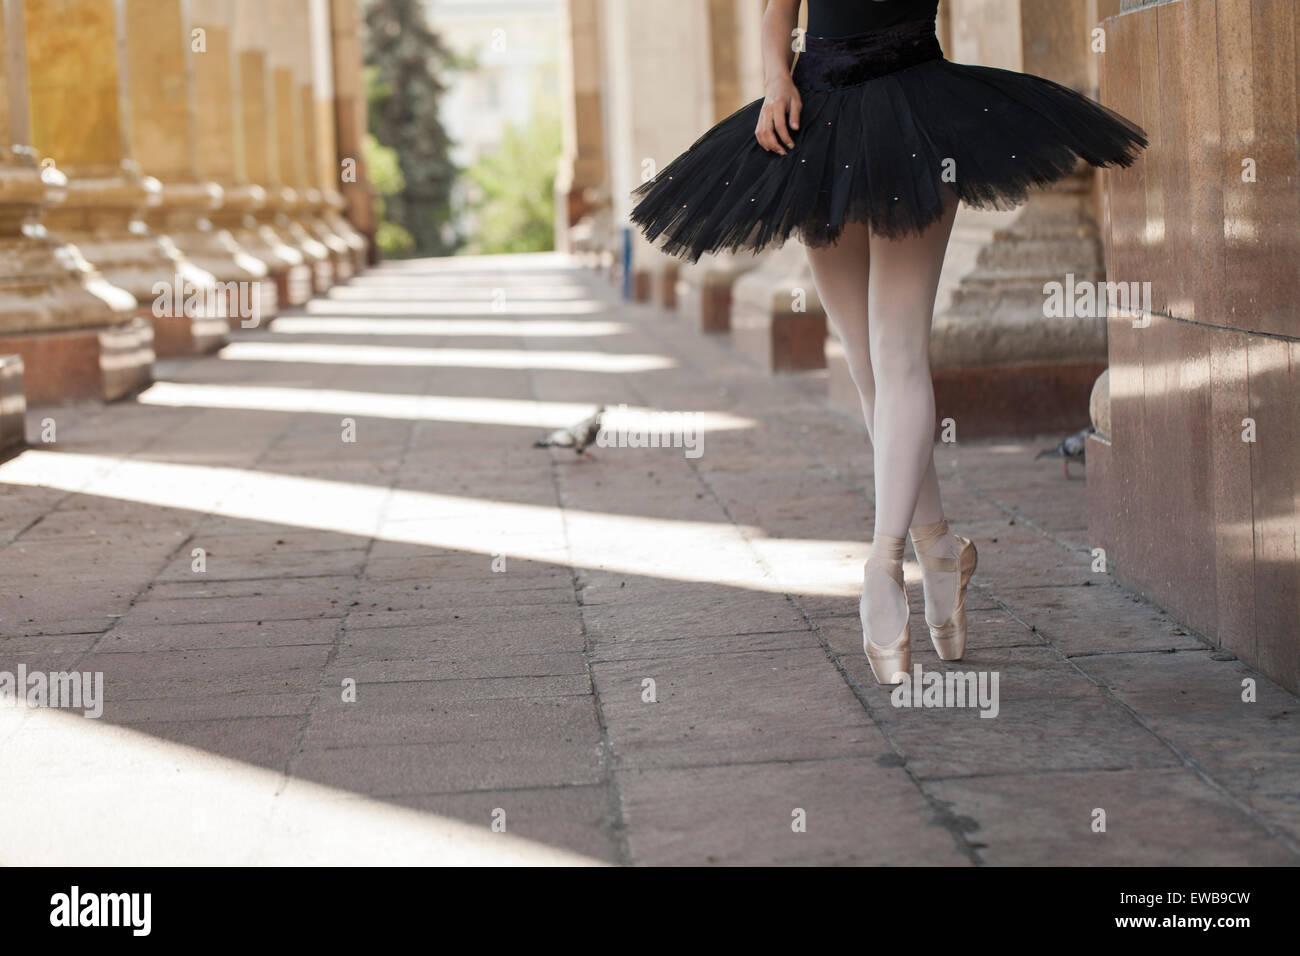 Ragazza ballerina flats permanente sulla tiptoes Immagini Stock